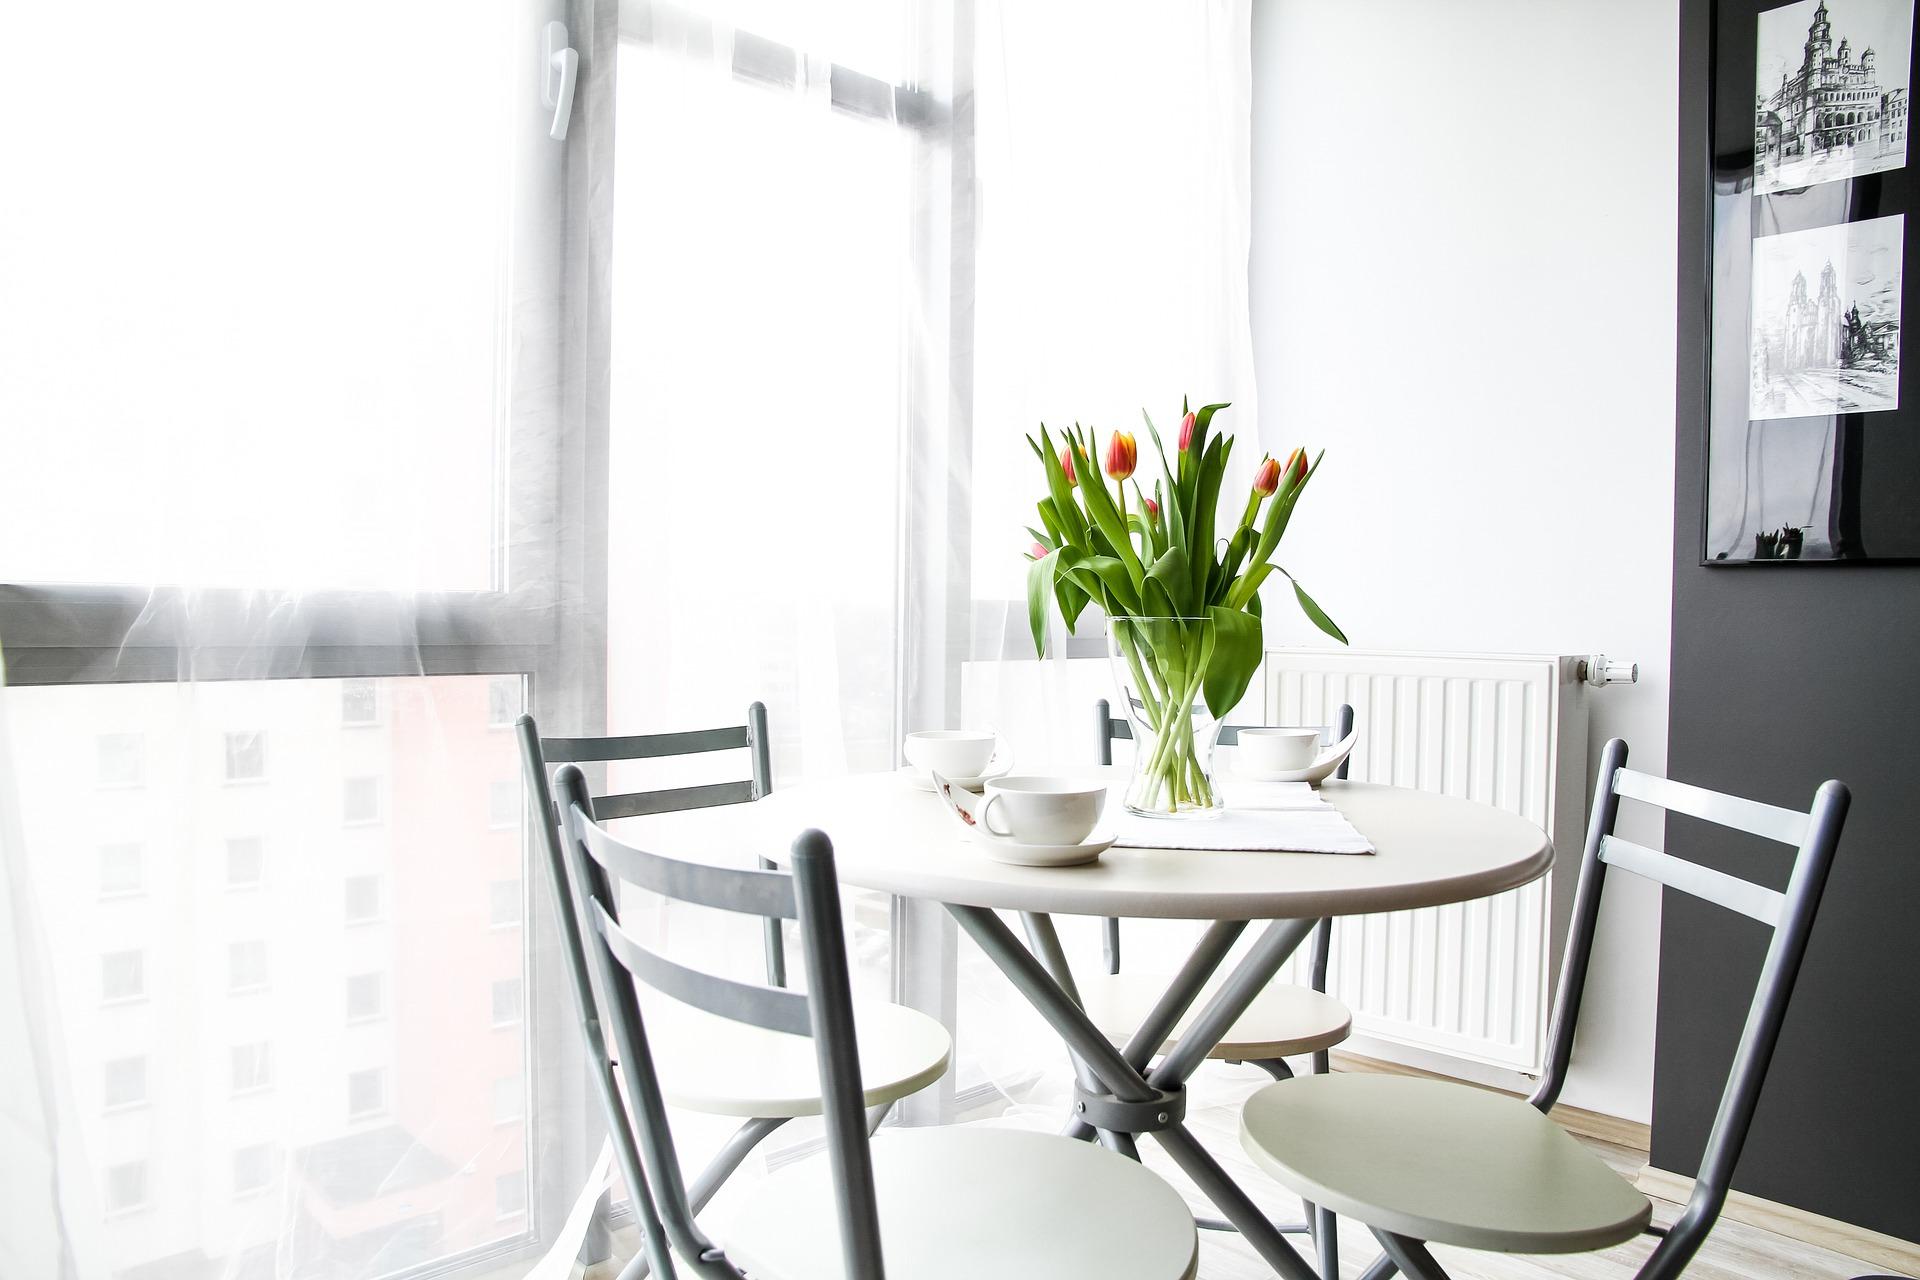 Apartment room house residential interior interior design decoration comfortable apartment flowers tulips apartment house house interior design interior design interior design interior design interior design